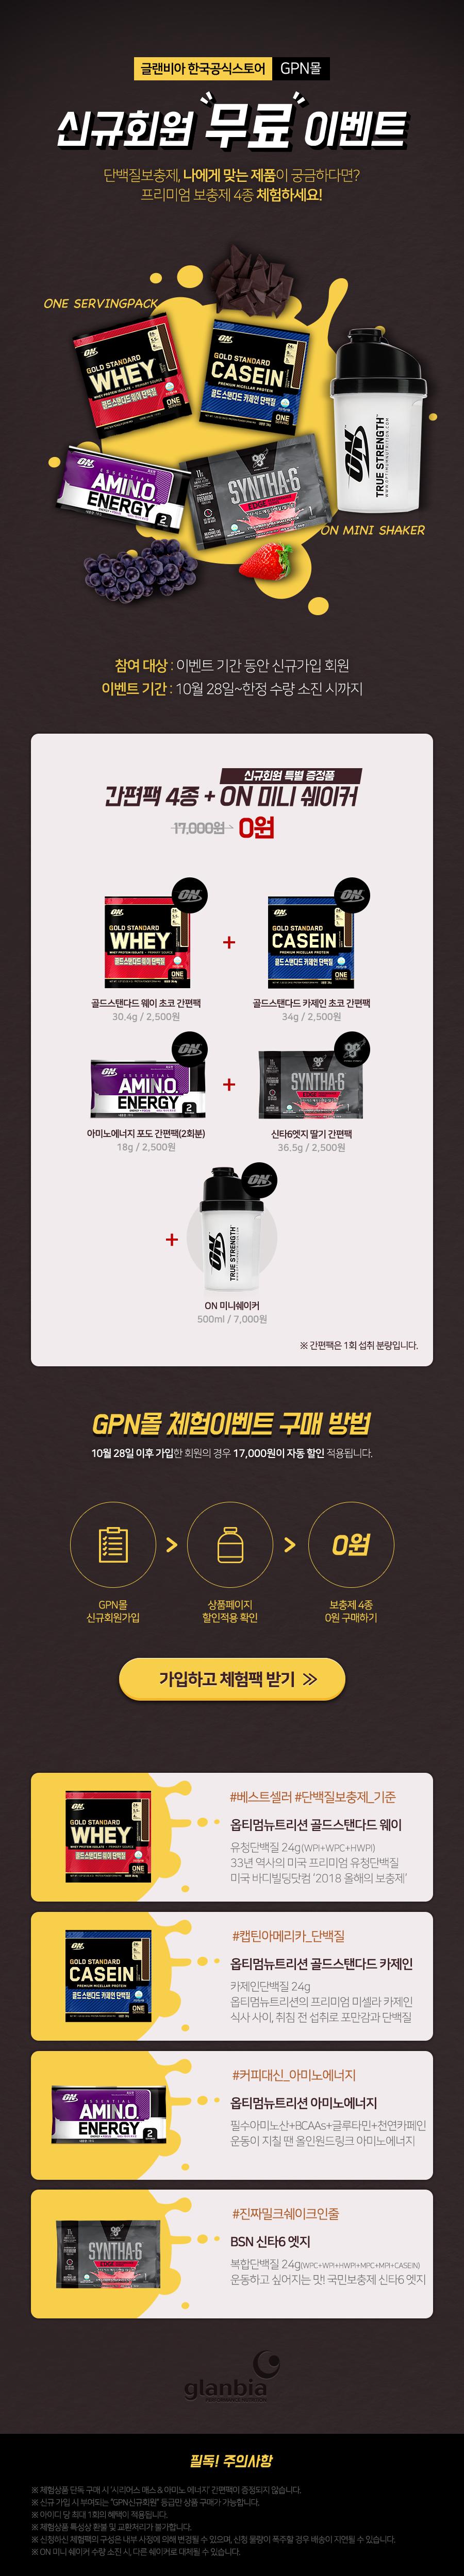 GPN몰 신규회원 이벤트 배너